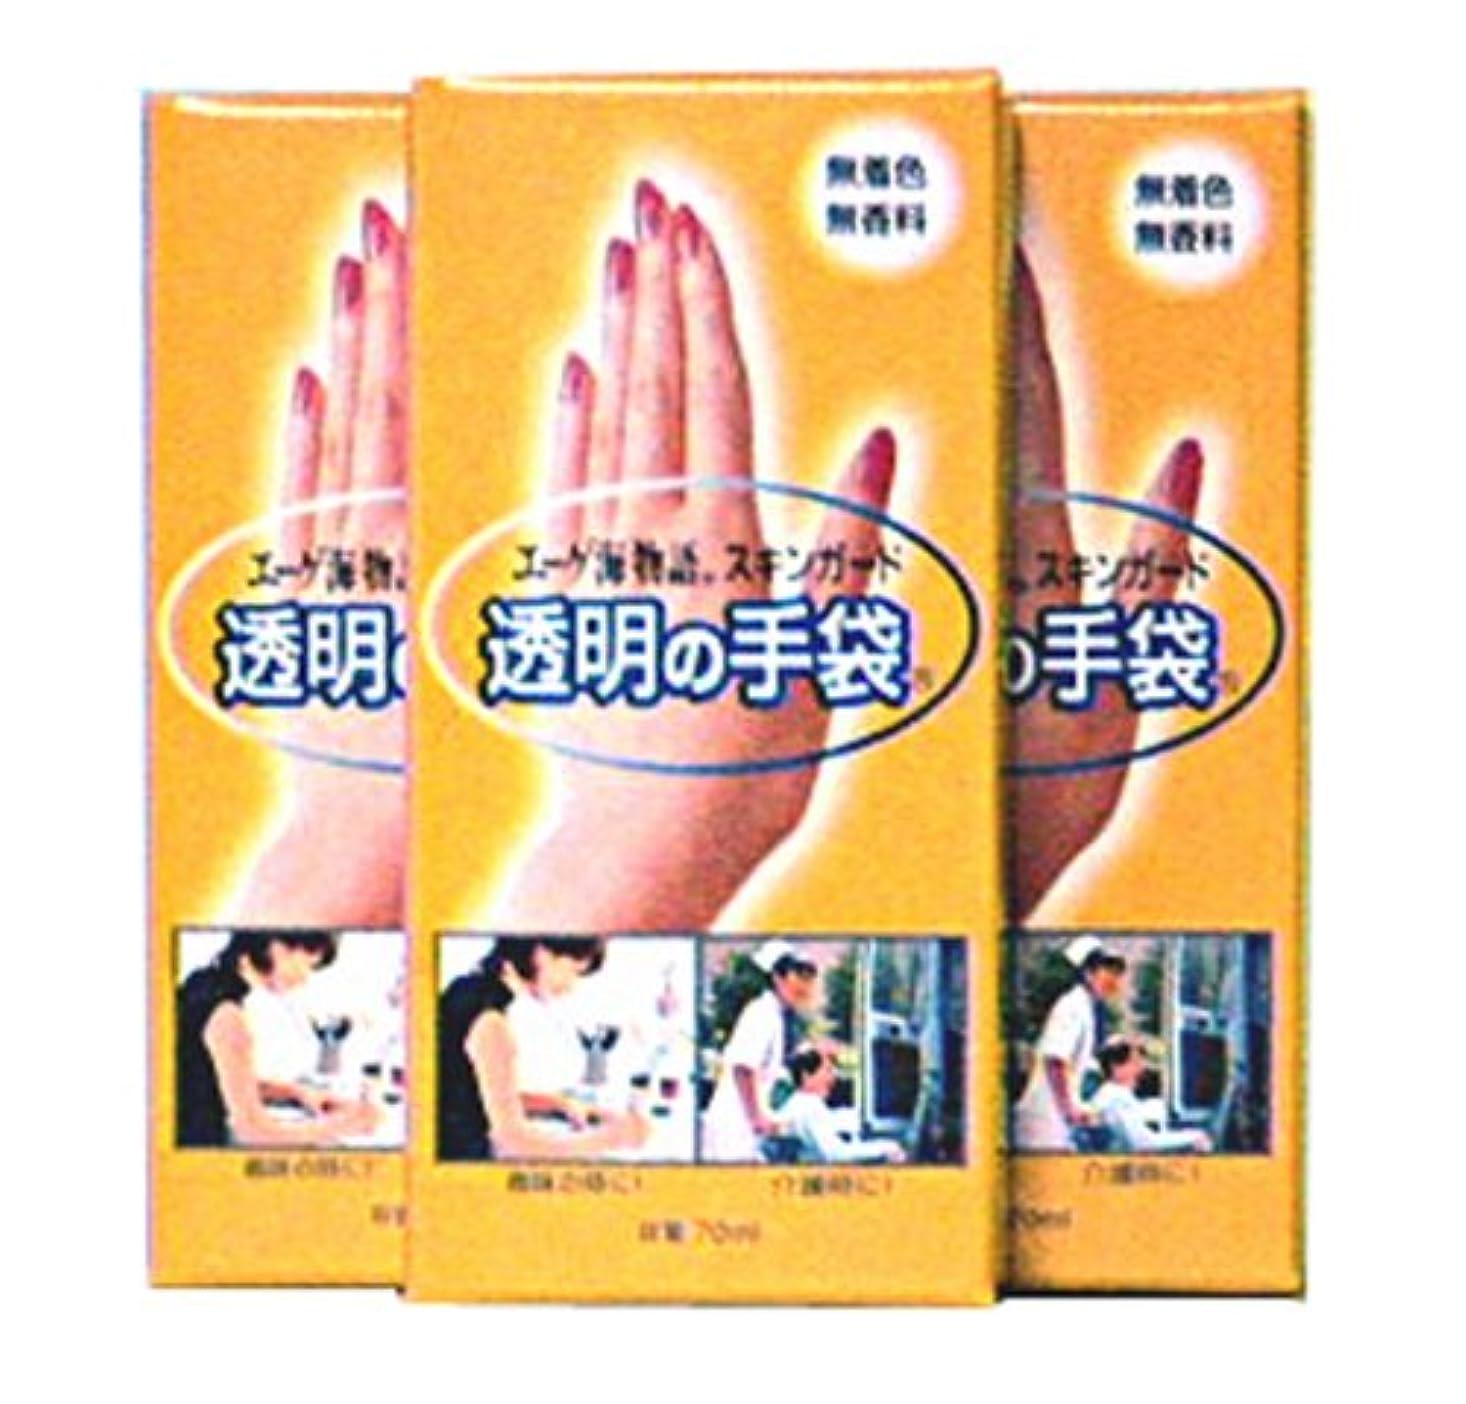 発生する教室肥料エーゲ海物語スキンガード透明の手袋 3コセット